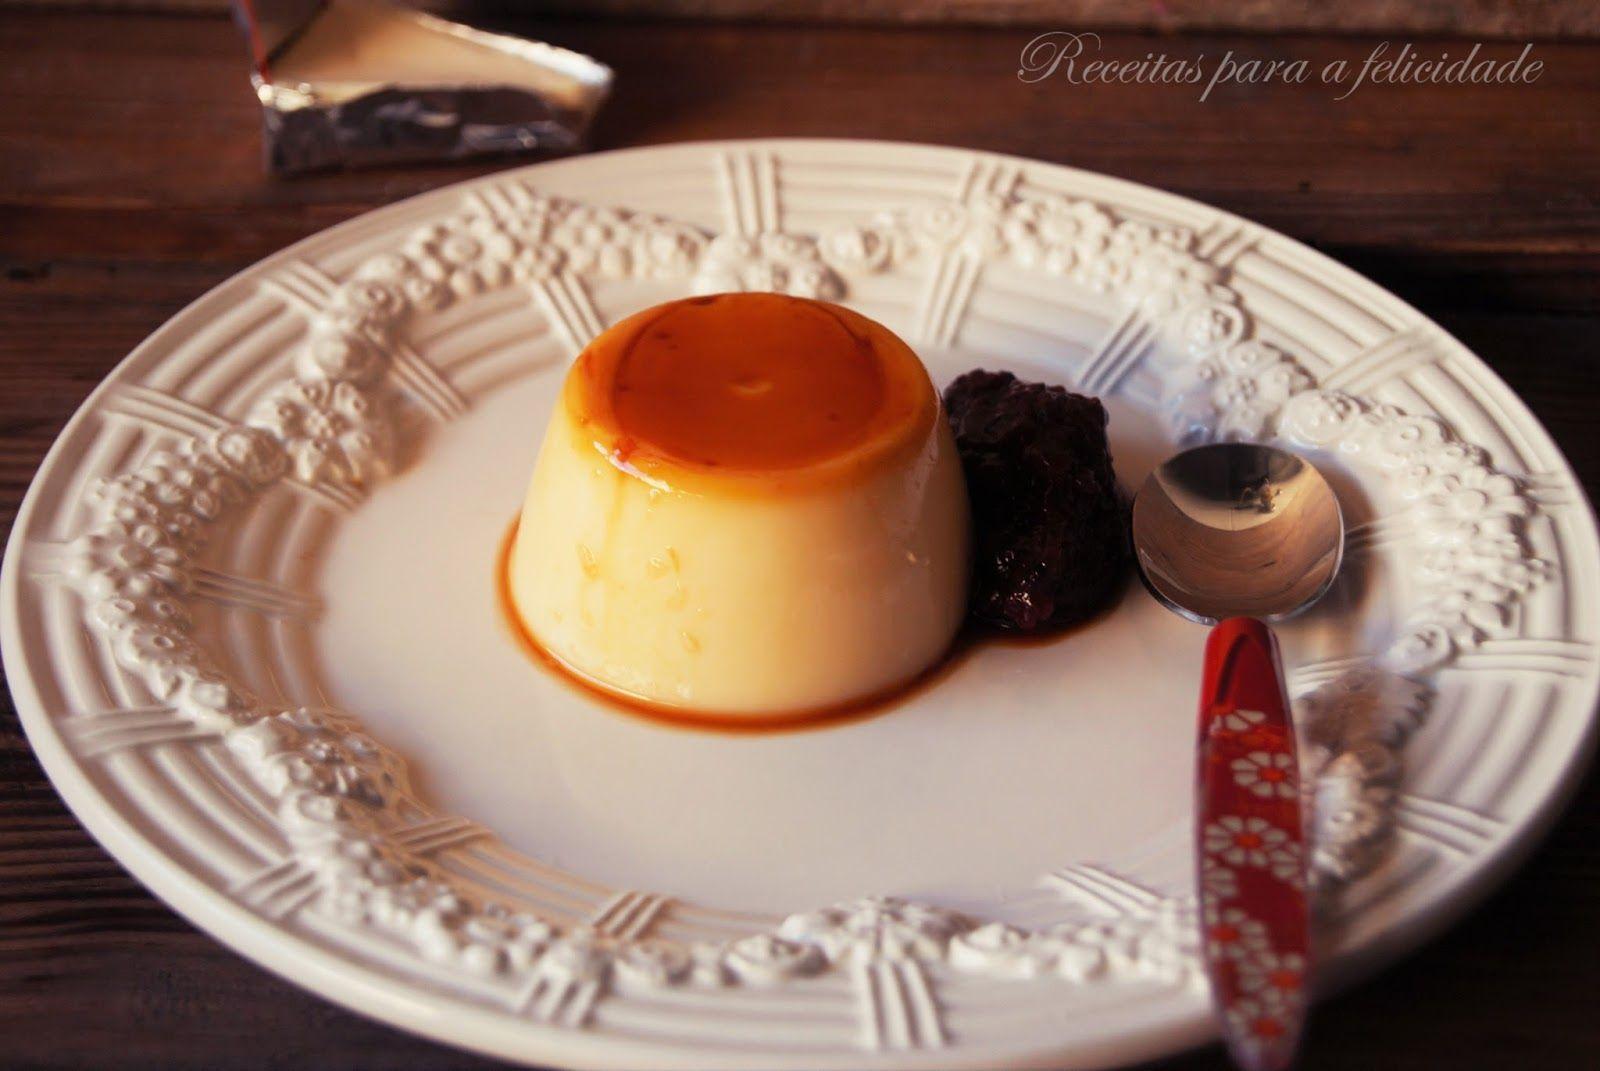 Pudins flã de cuajada e queijo-creme